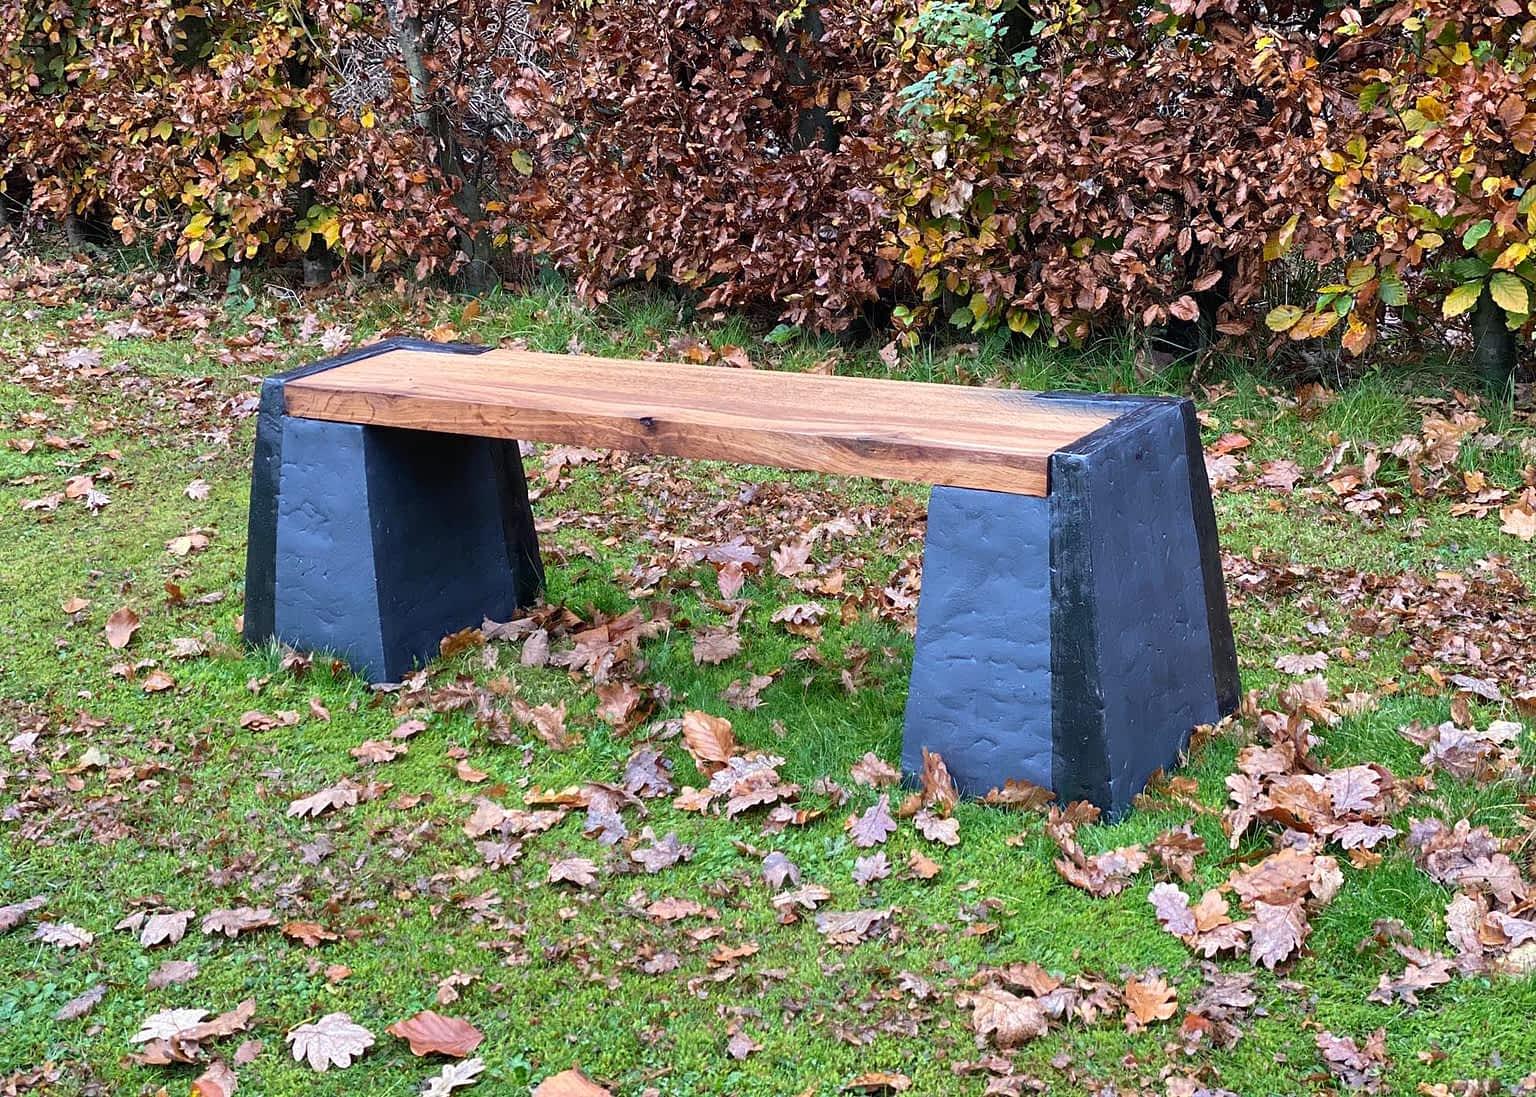 Clay-bench-stentoejsler-baenk-kubisktisk-engholm-michelsen